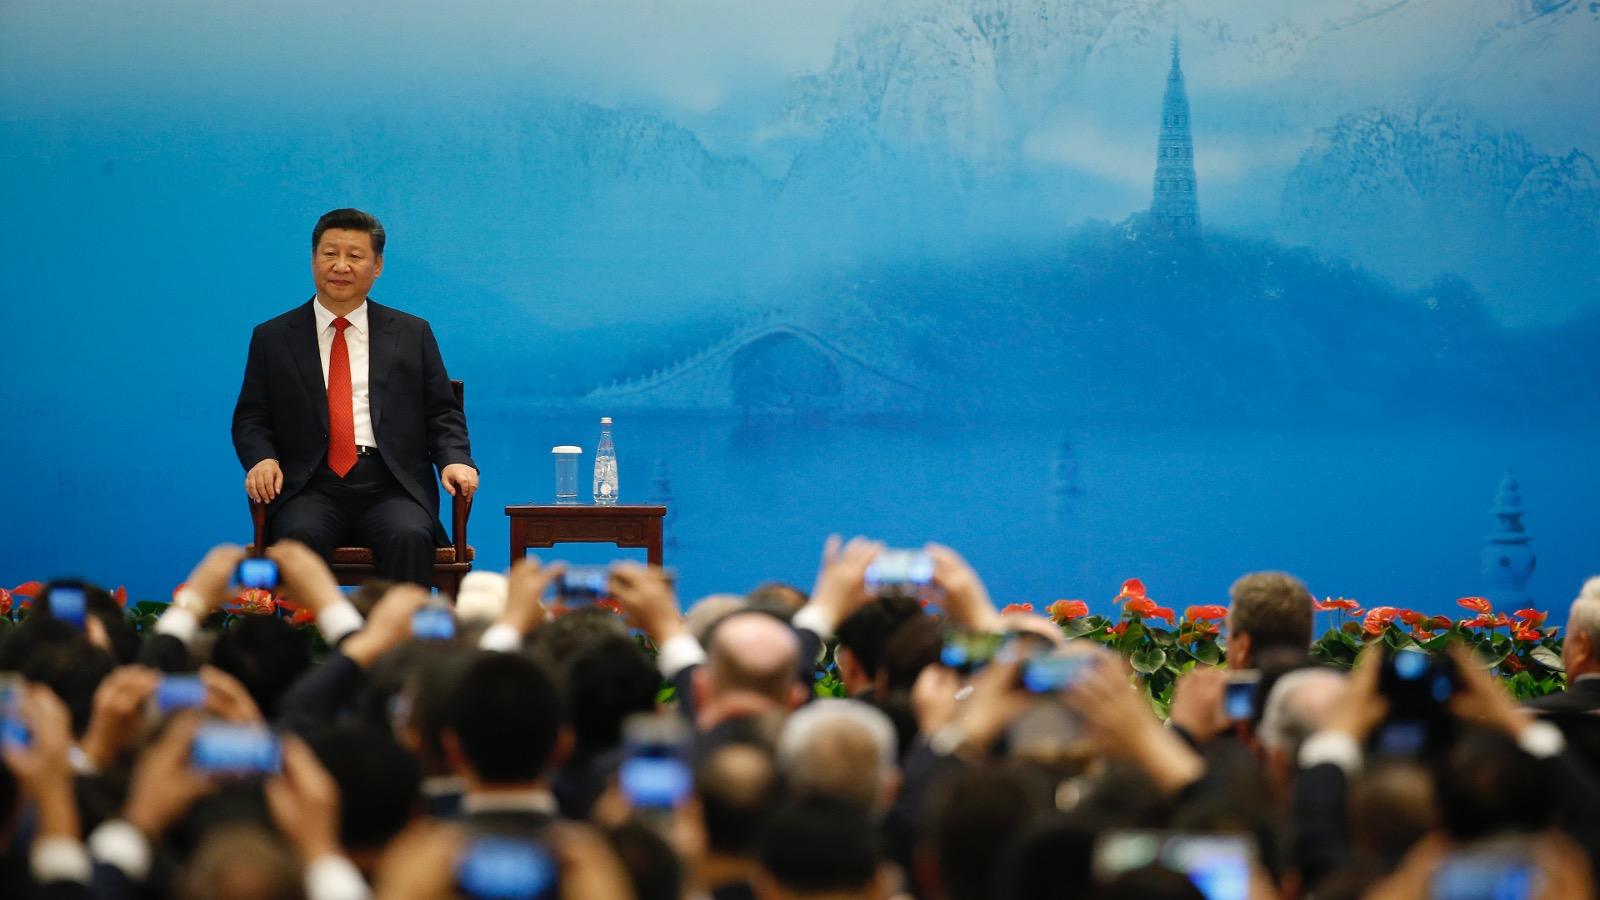 Camilla T.N. Sørensen: Hvor meget større bliver Kinas rolle nu?